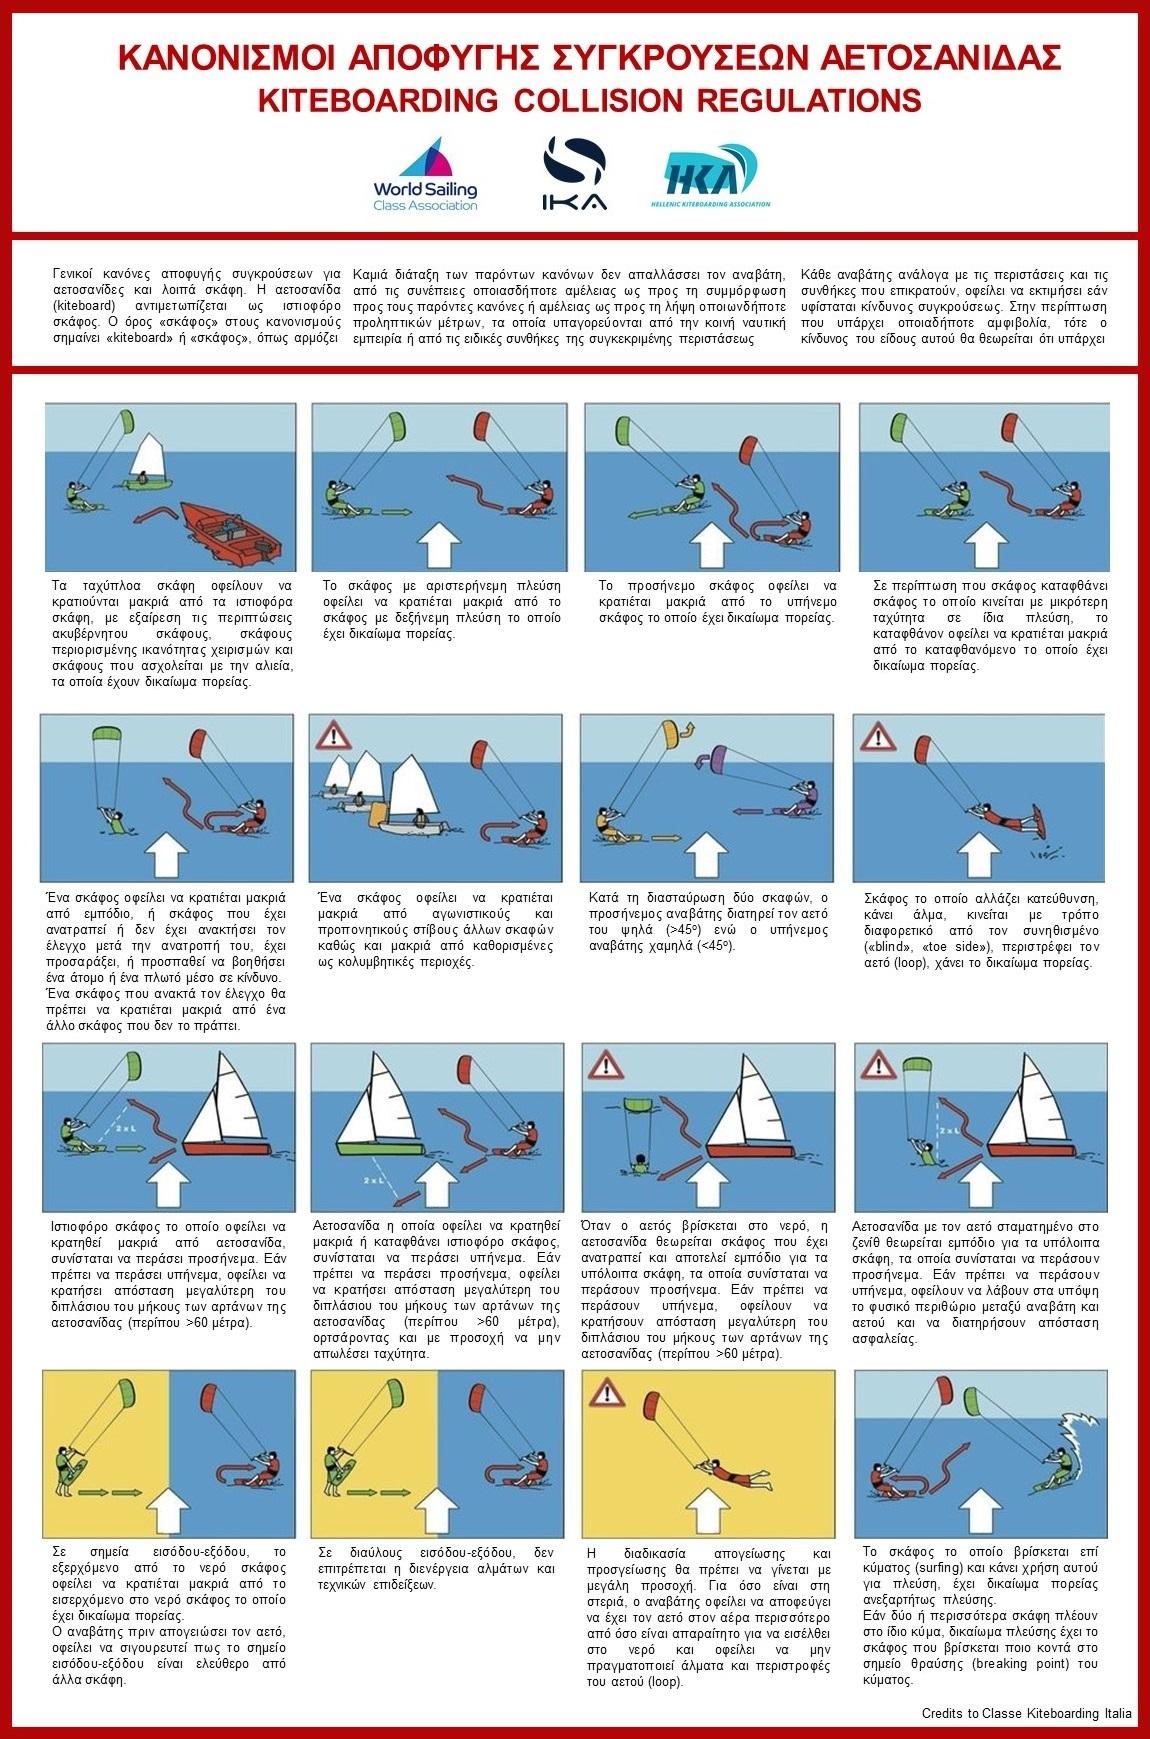 Κανονισμοί Αποφυγής Συγκρούσεων στη Θάλασσα